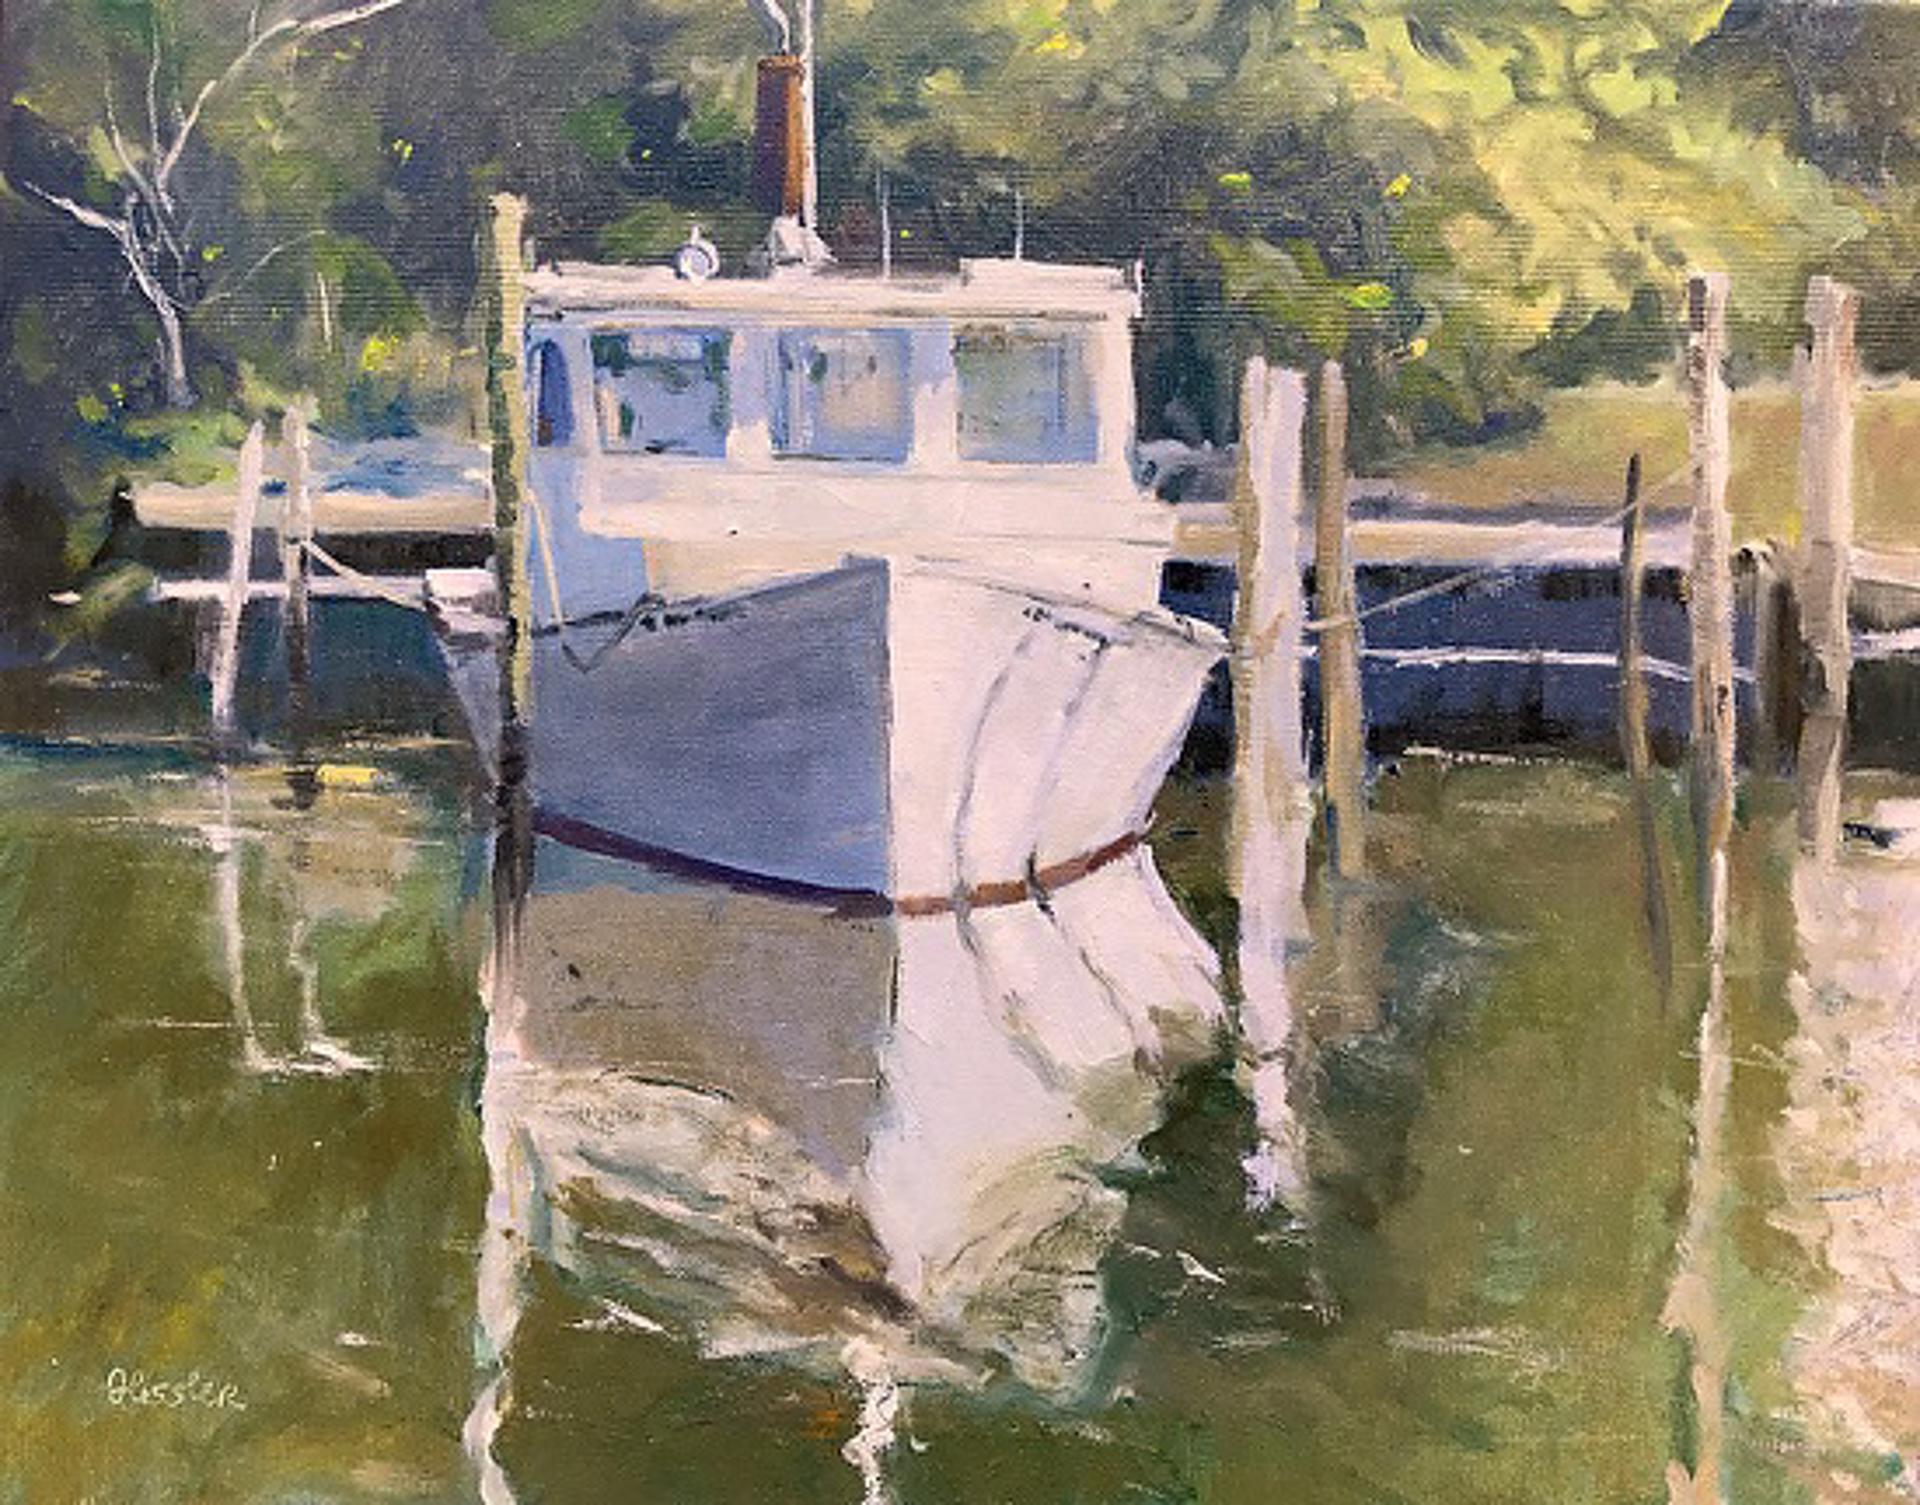 Shrimper, Davis, North Harbor by Steve Hessler